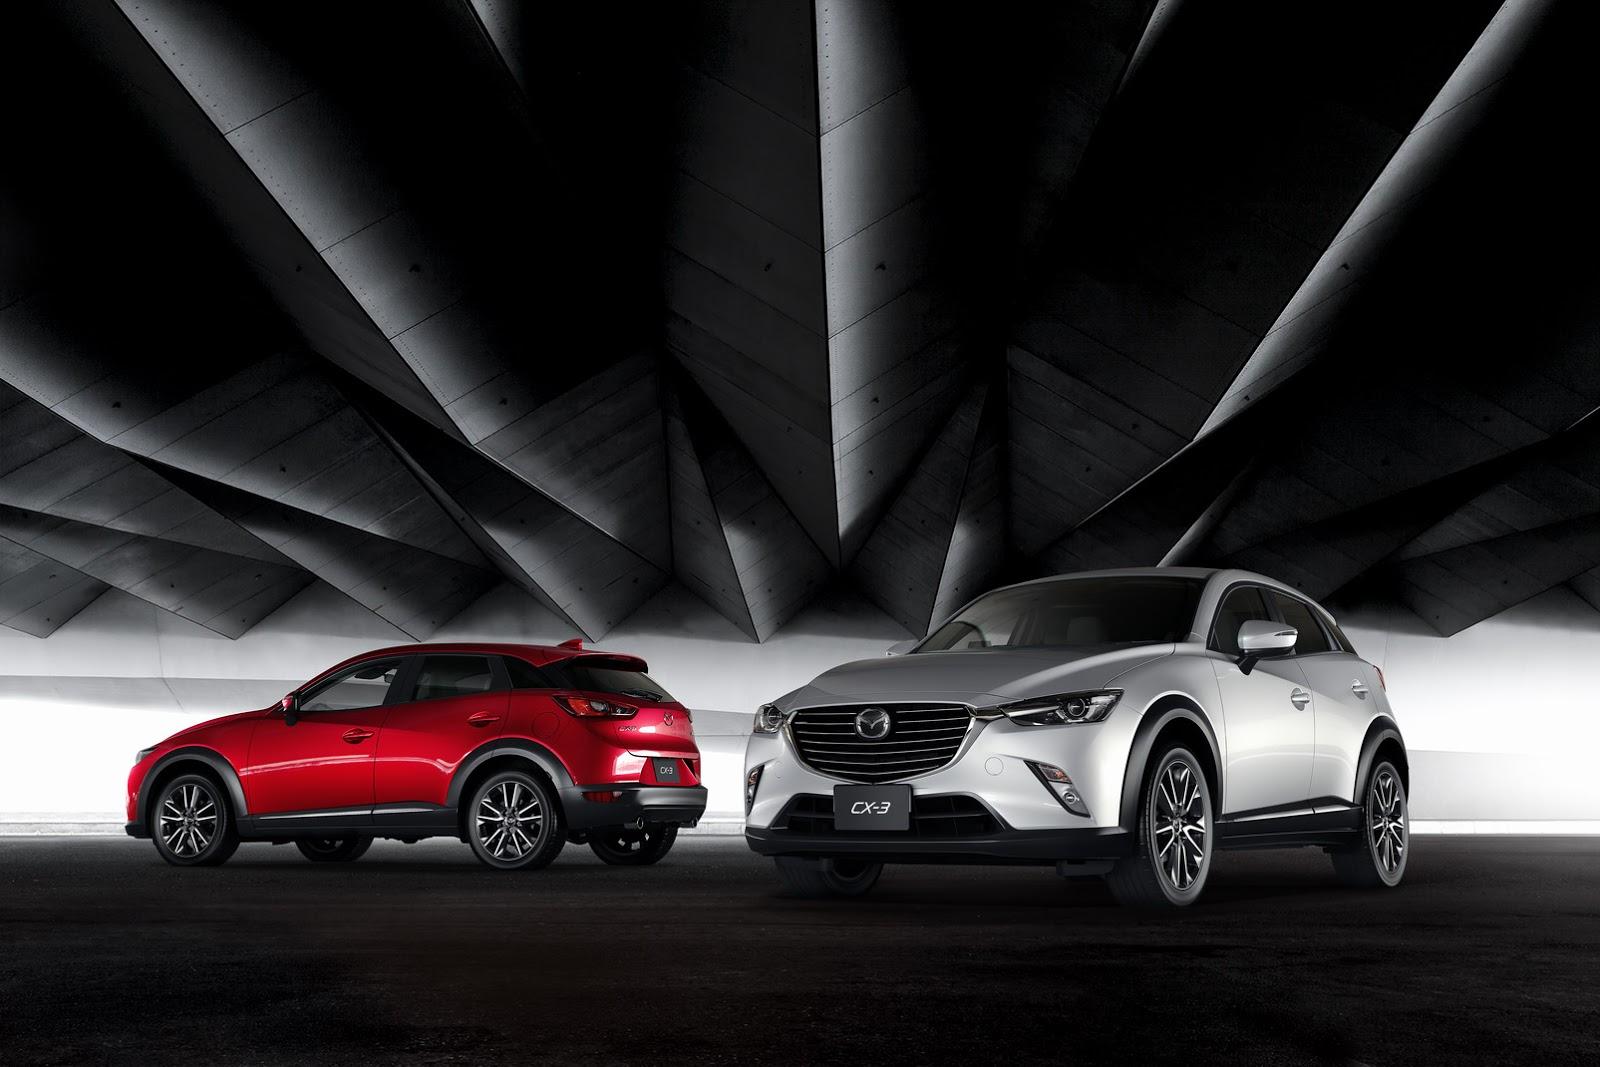 2016-Mazda-CX-3-7